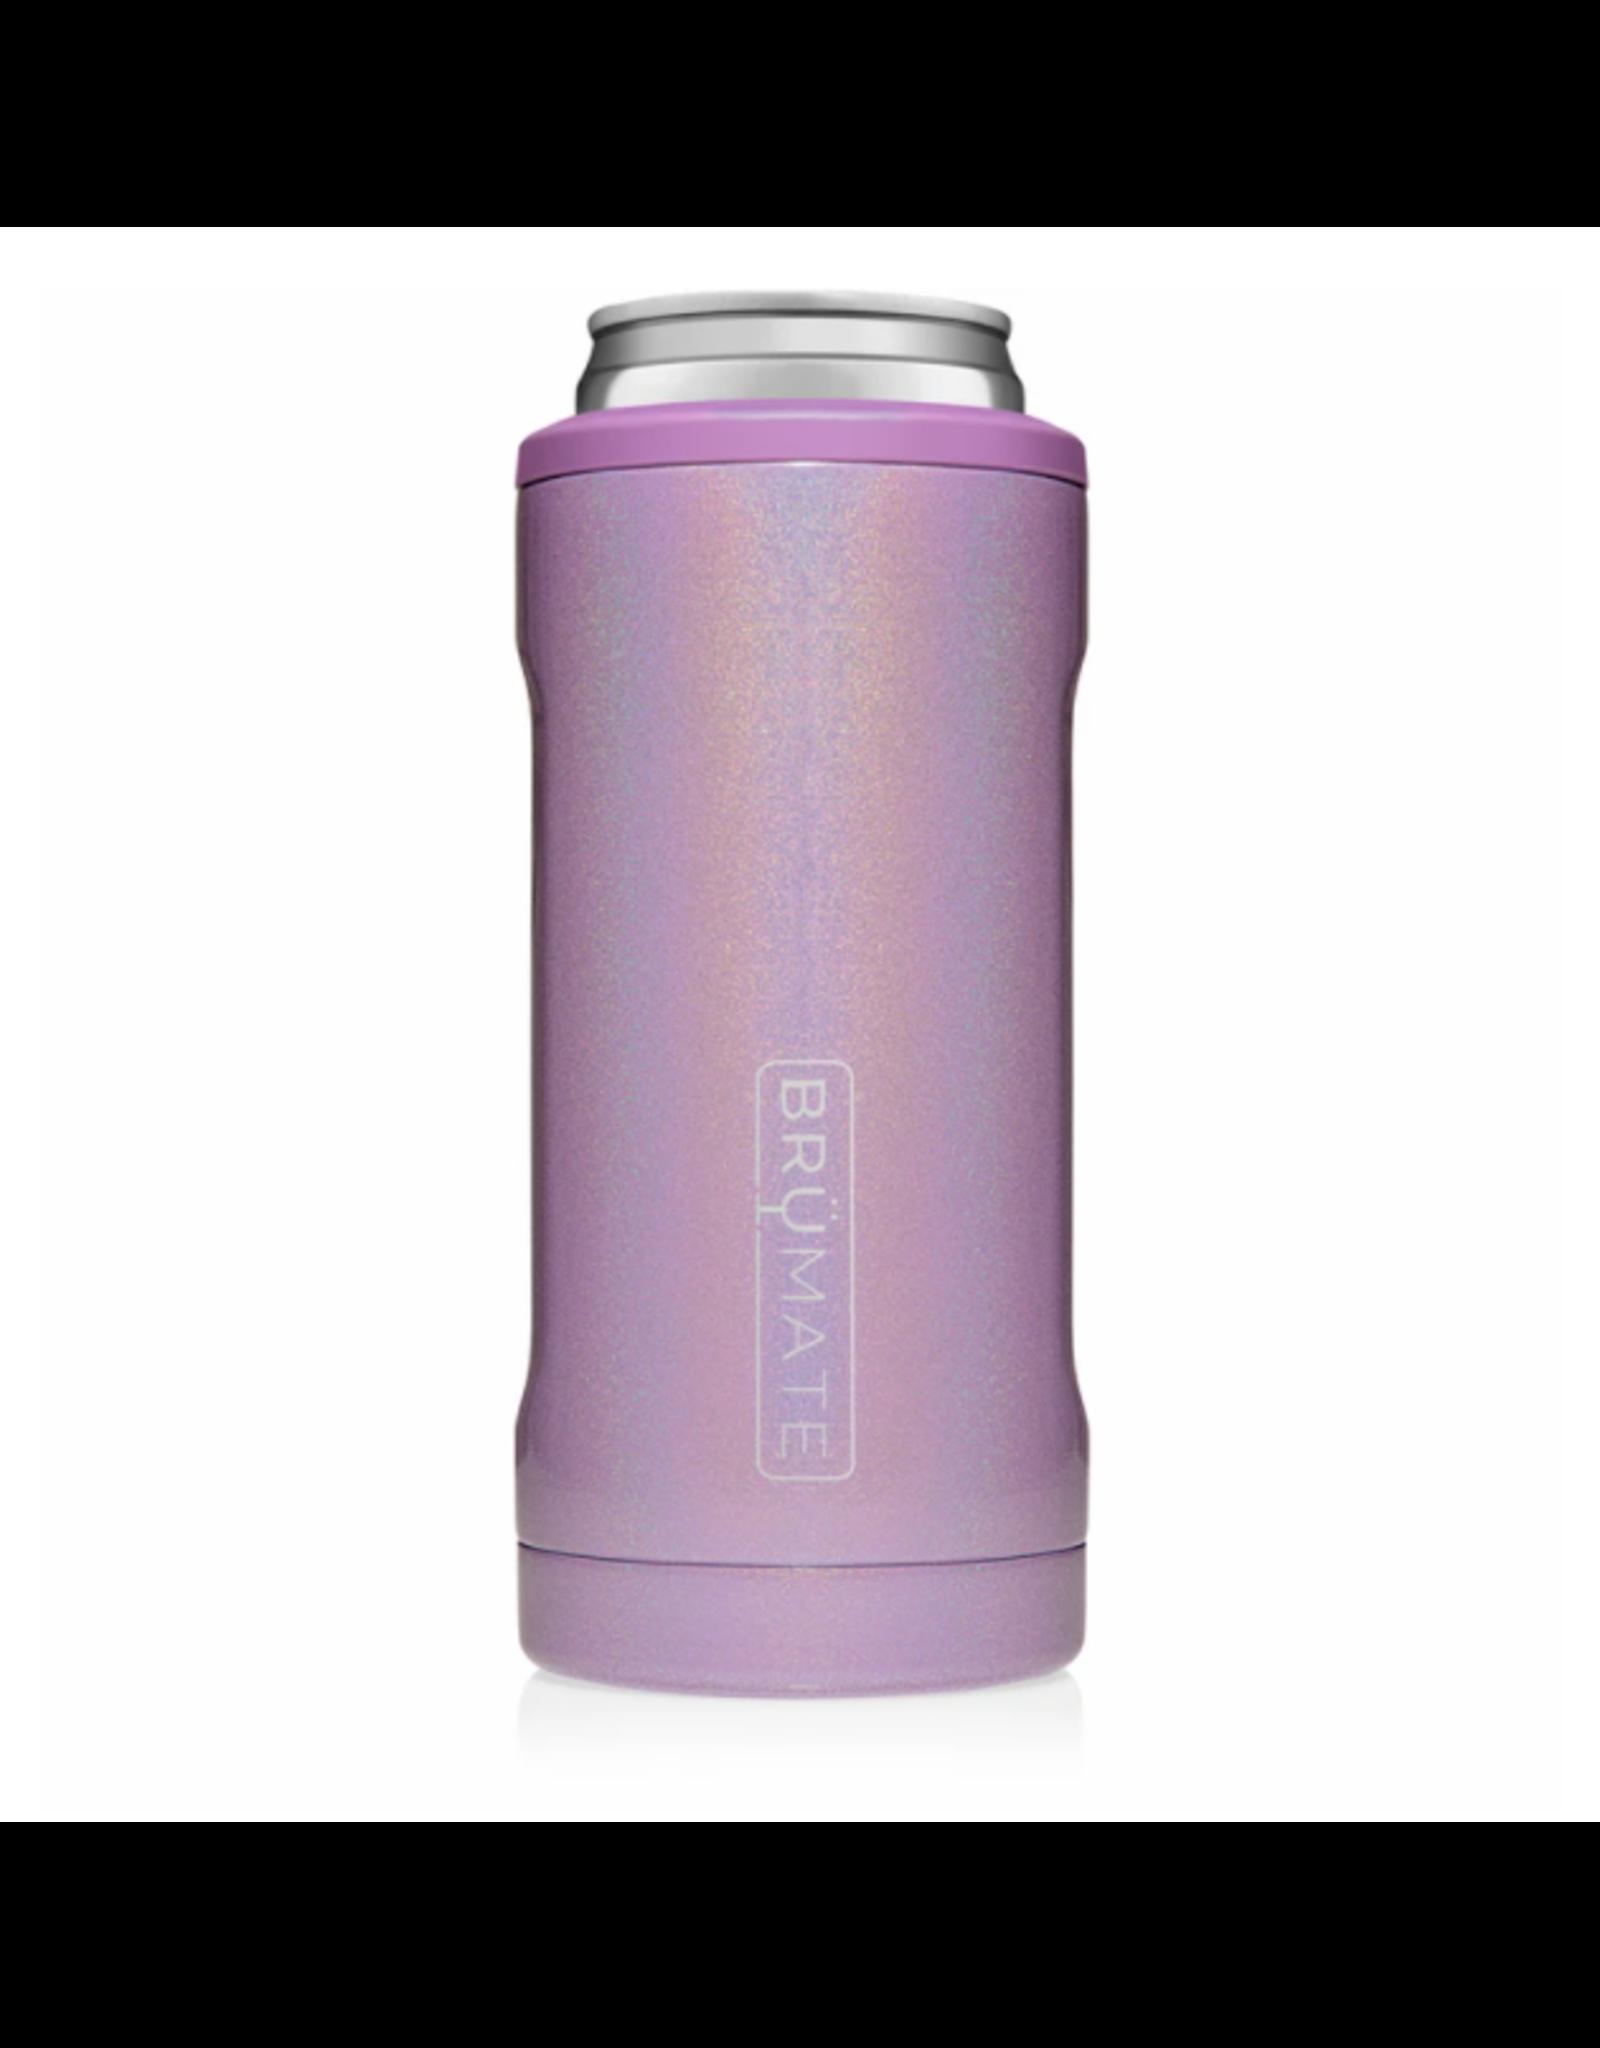 Hopsulator Slim Insulated Can-Cooler, glitter violet